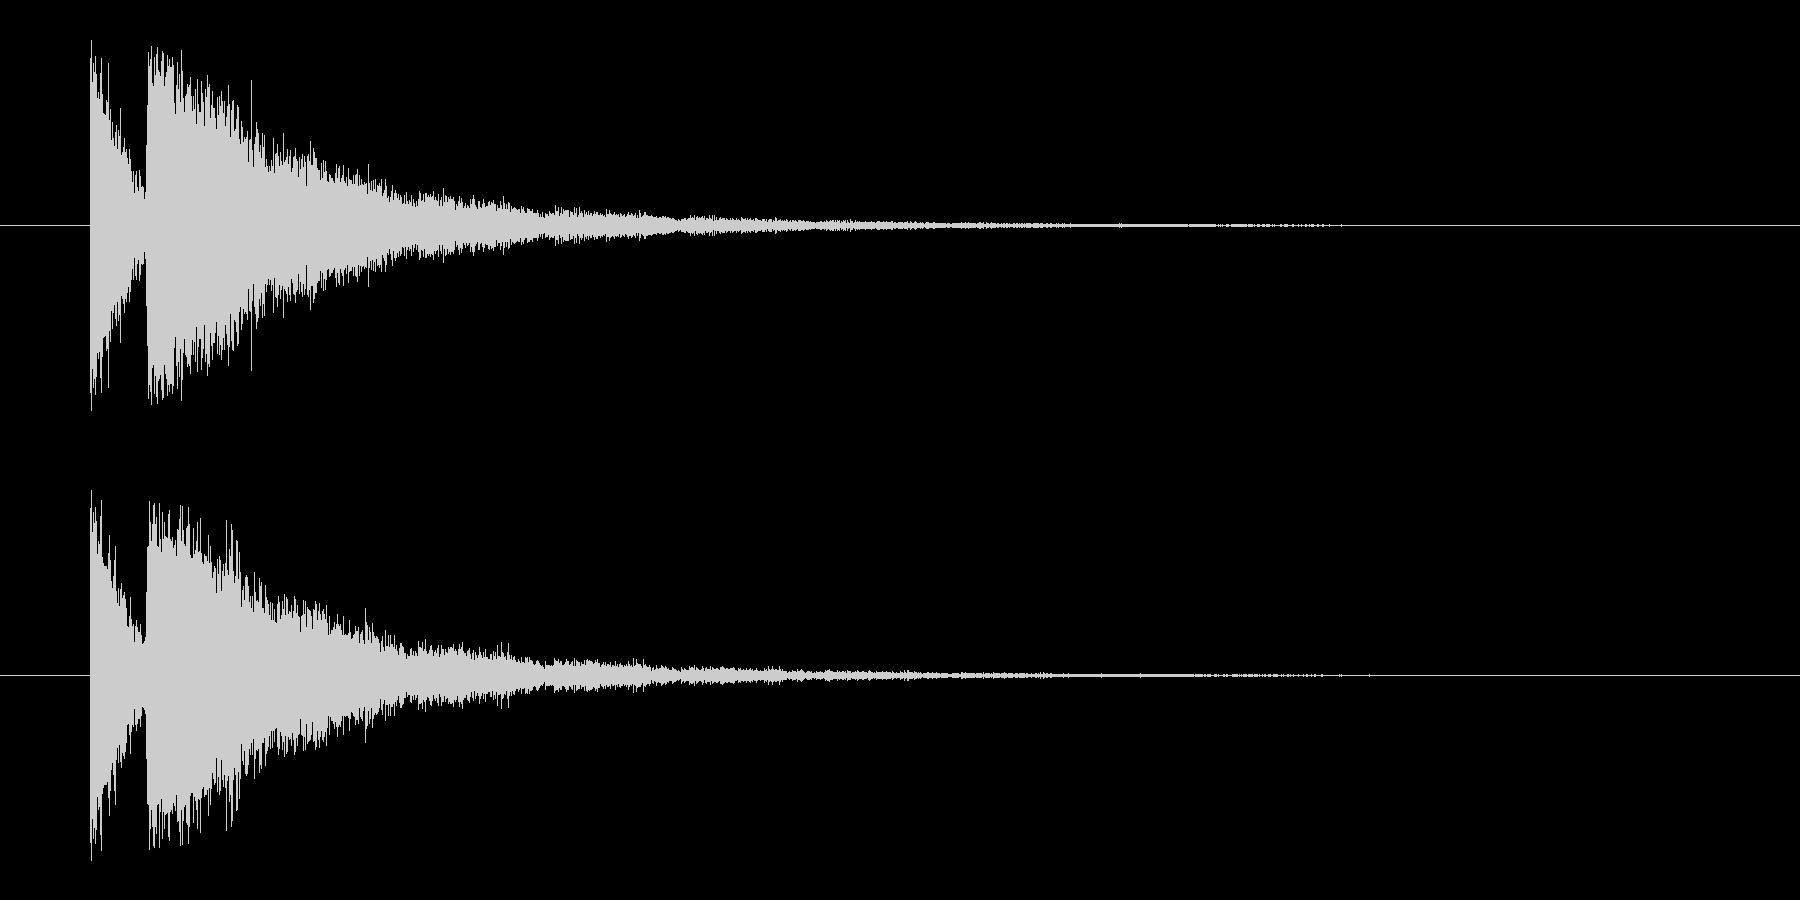 ビームライフル3★エコーリバーブ有の未再生の波形